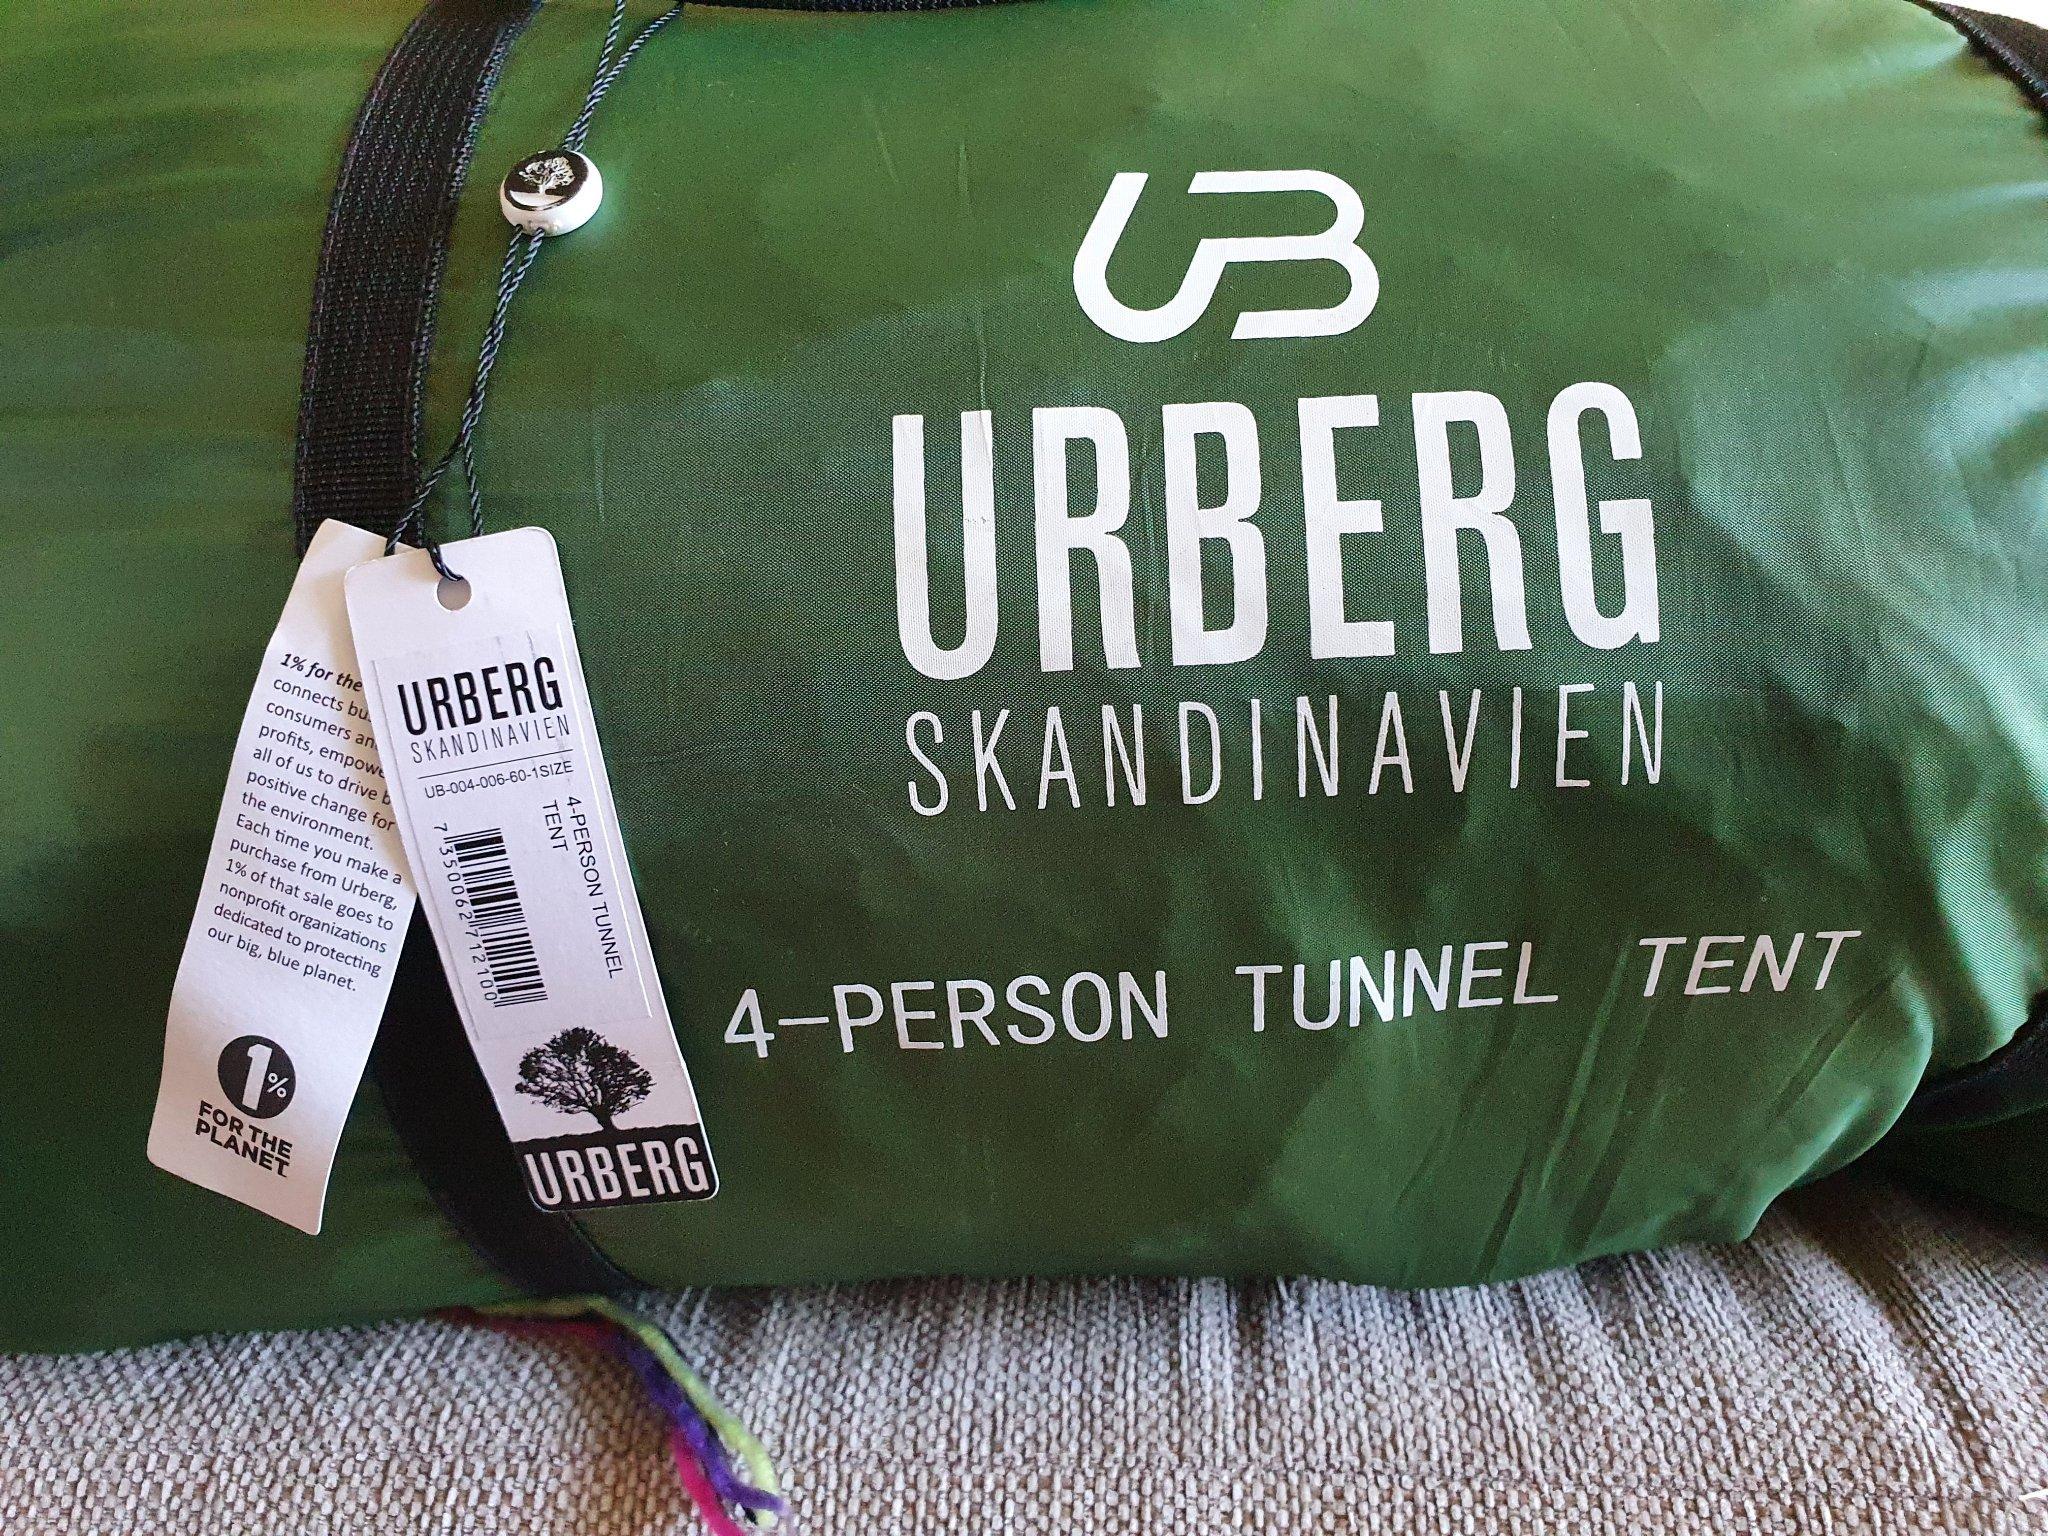 Urberg 4 person tunnel tält NYTT (413130629) ᐈ Köp på Tradera